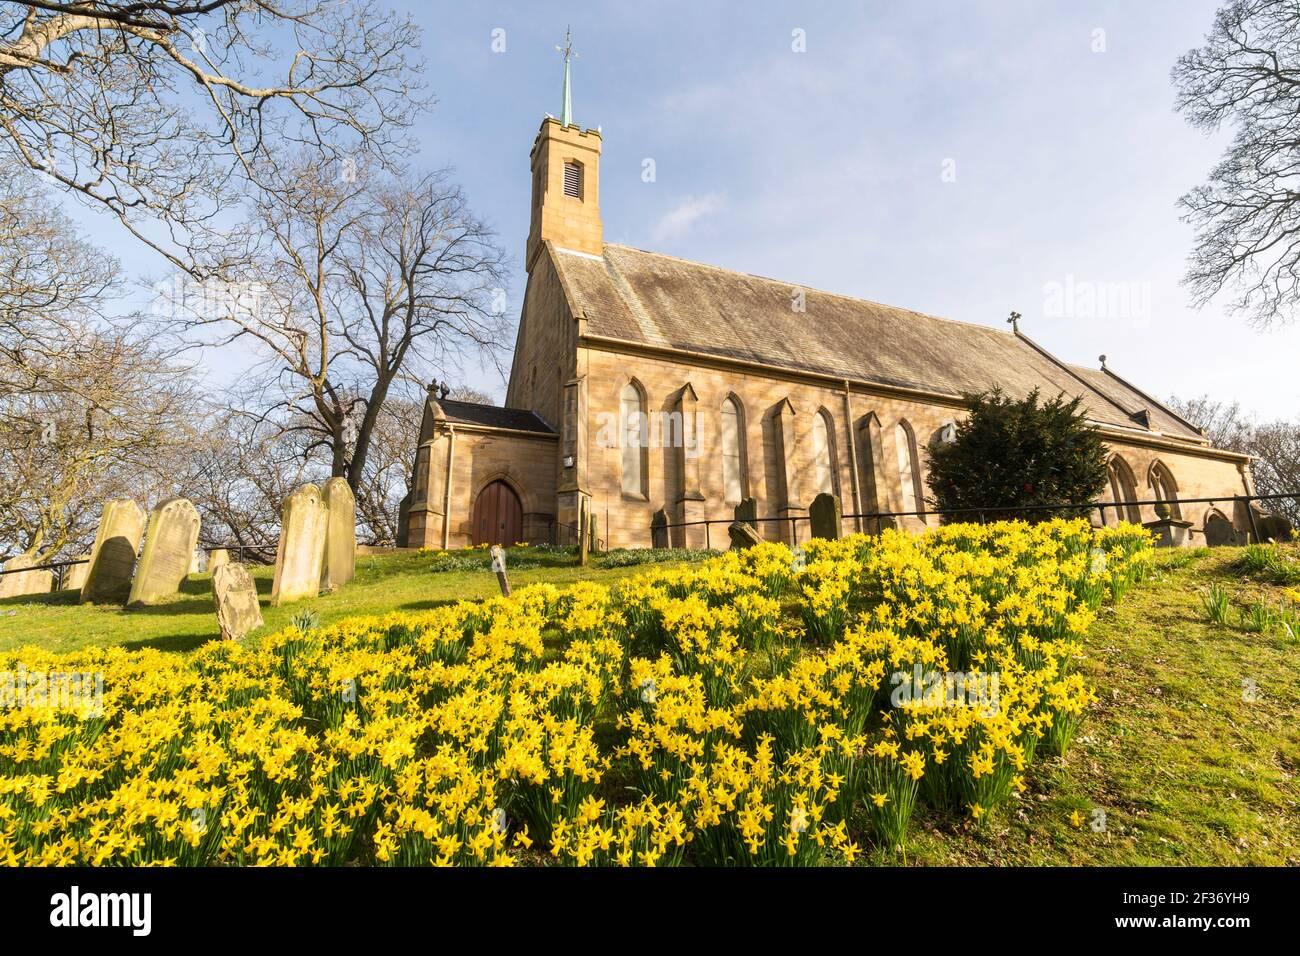 a-swathe-of-daffodils-in-the-churchyard-of-holy-trinity-church-washington-village-north-east-england-uk-2F36YH9.jpg